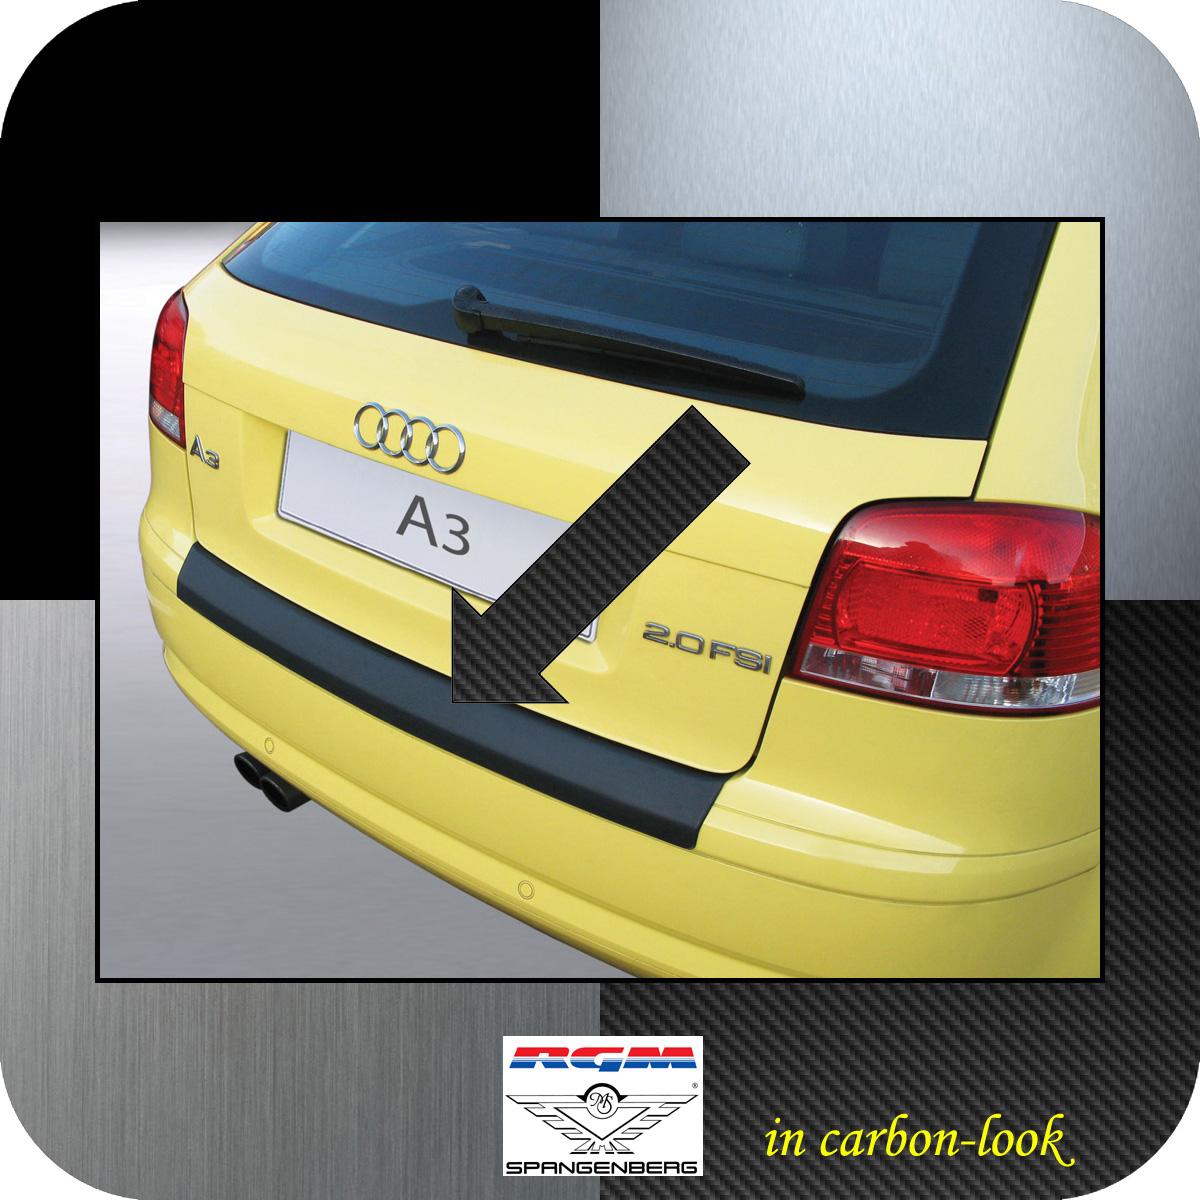 Ladekantenschutz Carbon-Look Audi A3 Schrägheck vor facelift II 2003-08 3509366